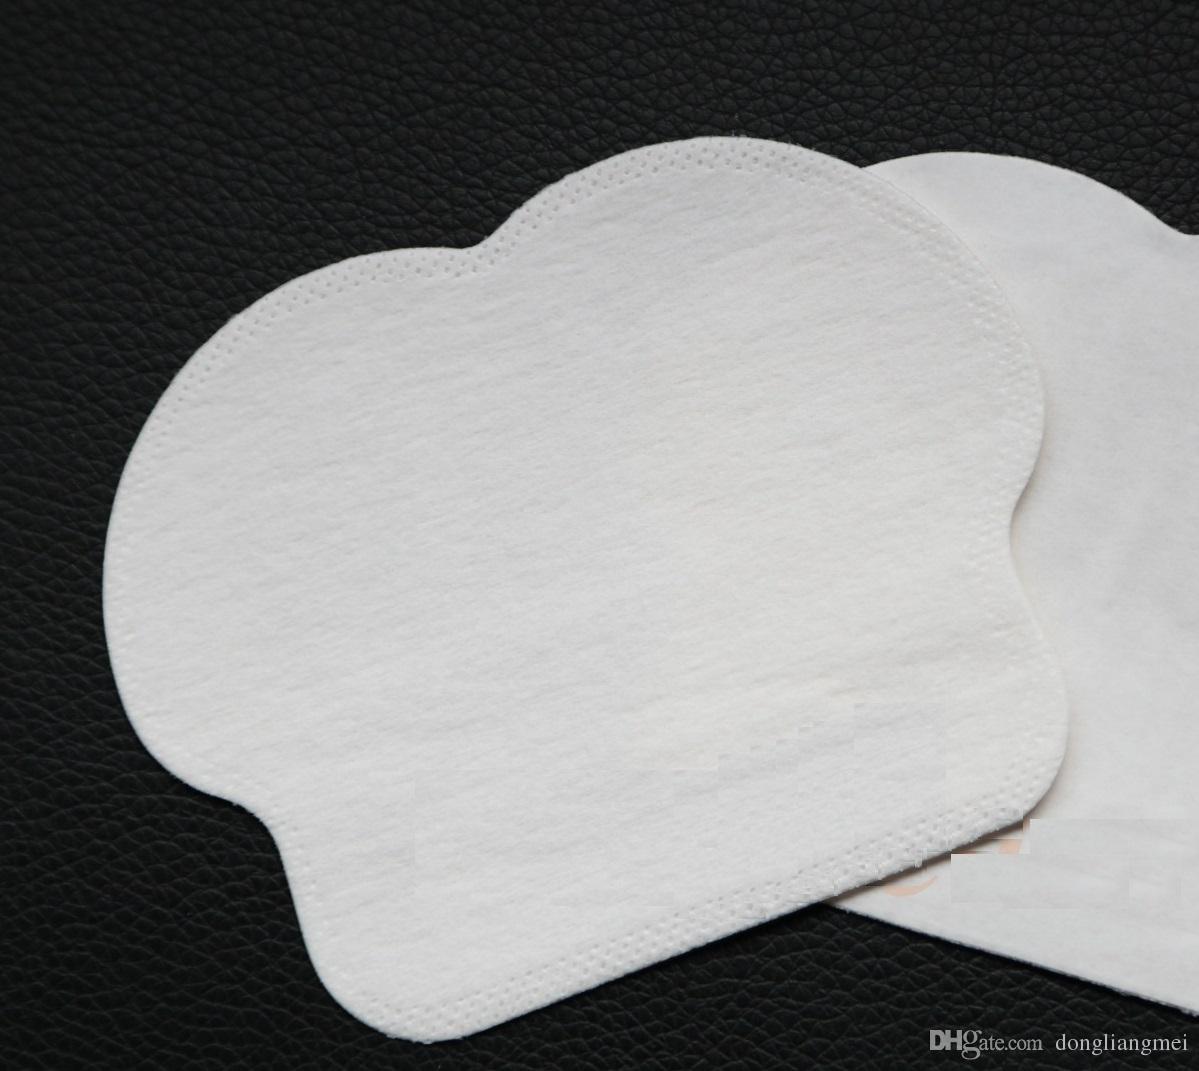 / désodorisants sueur aisselle absorbant pad aisselle feuille doublure robe vêtements bouclier vente chaude livraison gratuite